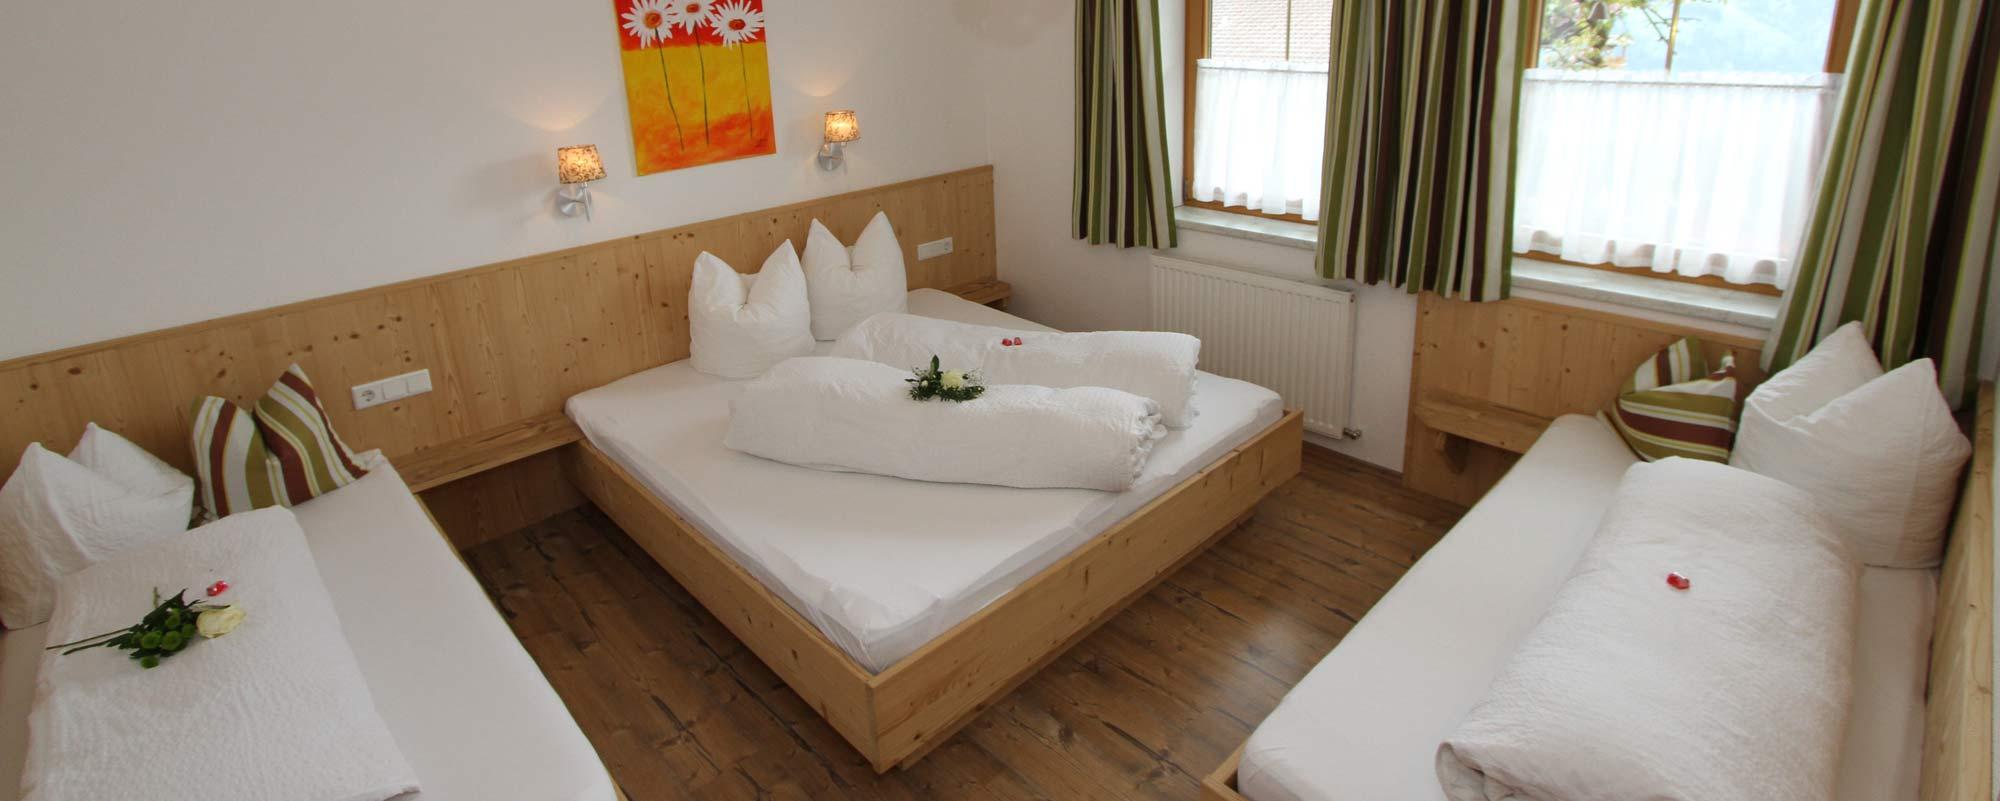 Apartment Sonne & Sonnenschein für Gruppen bis zu 19 Personen!